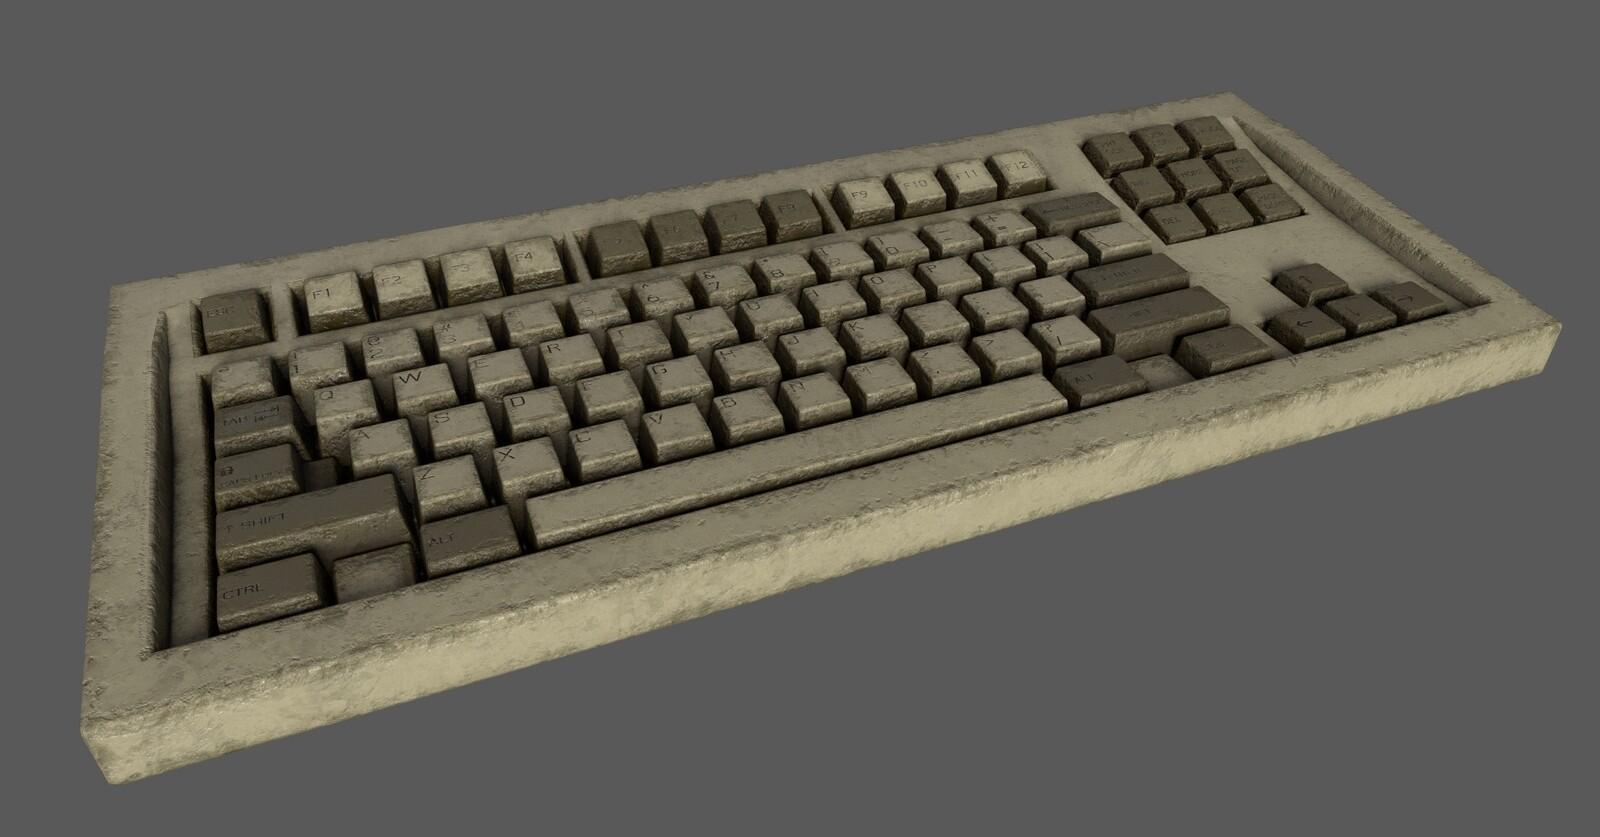 Keyboard (Office Scene)